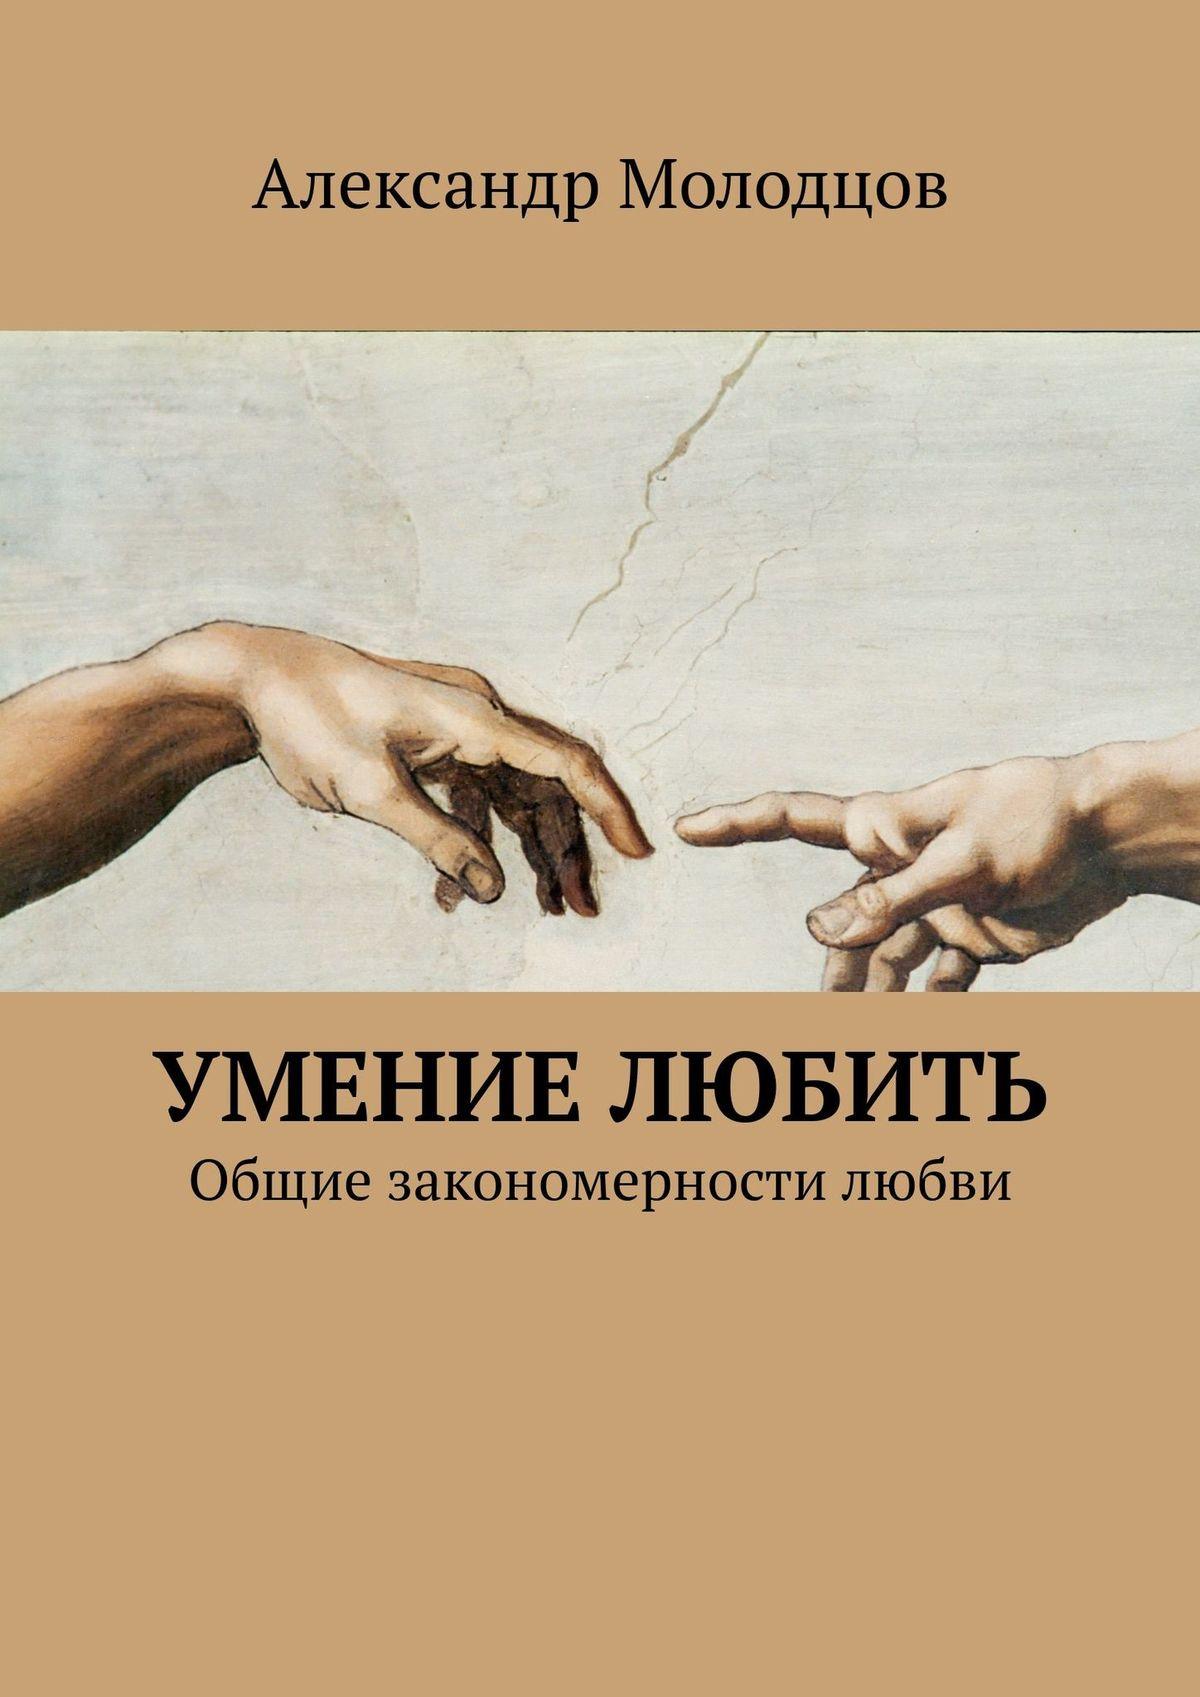 Александр Молодцов Умение любить. Общие закономерности любви автокосметика реферат